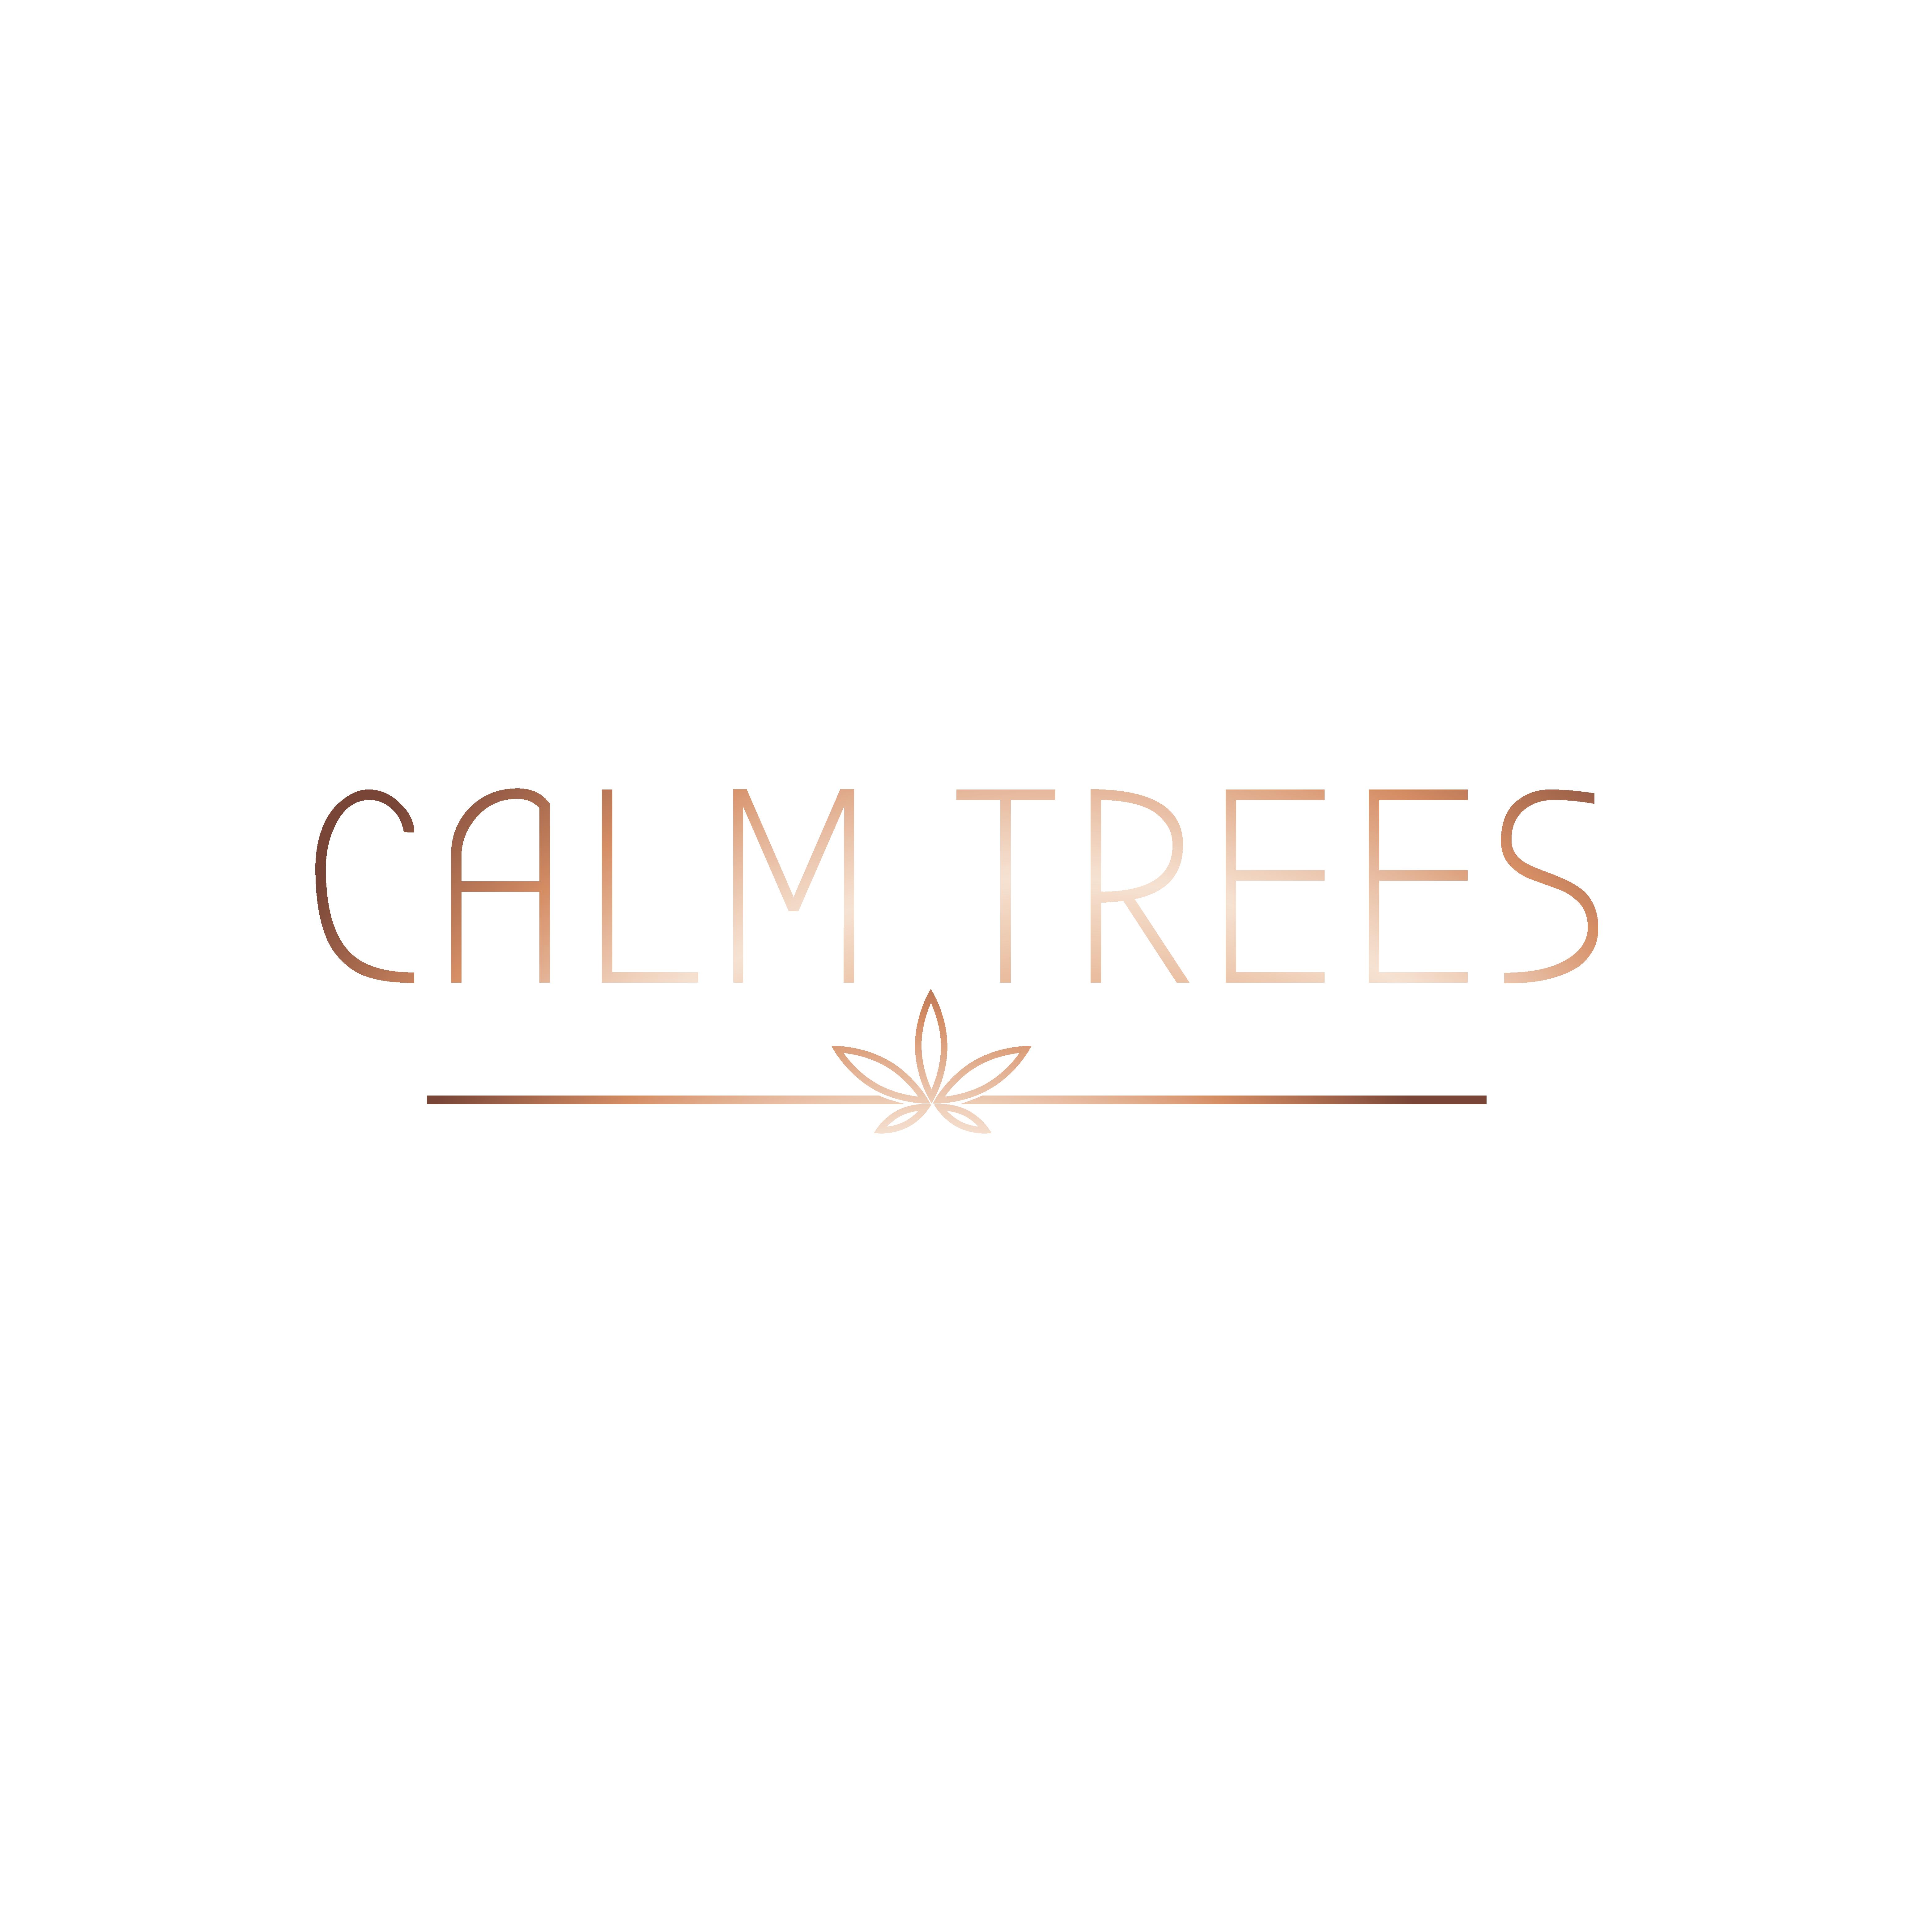 Logo design changes